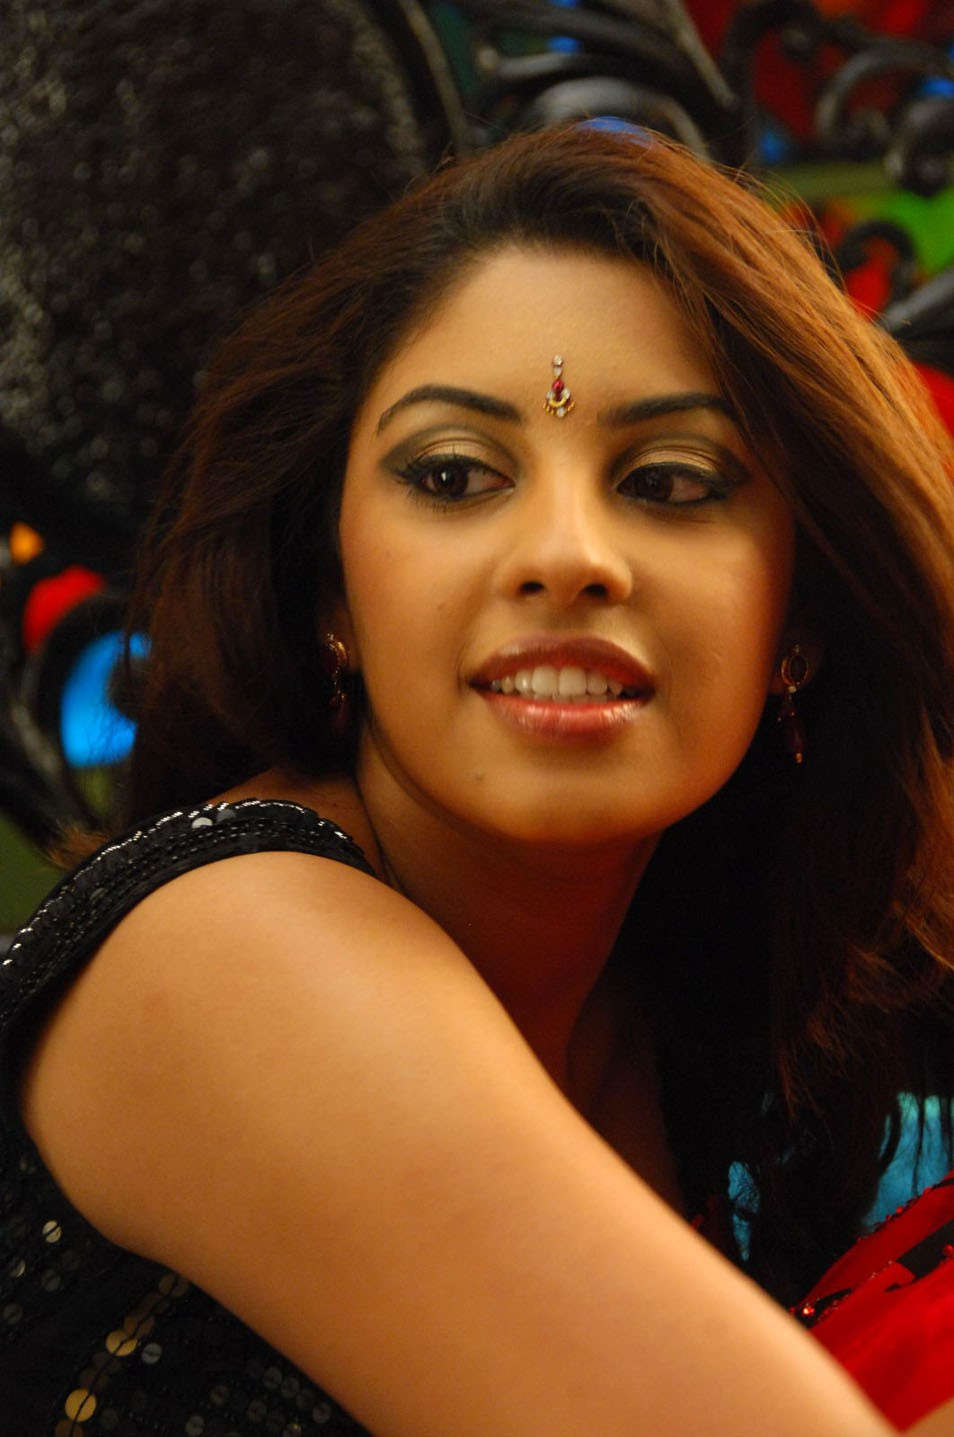 Porn Star Actress Hot Photos For You Telugu Actress Richa -4593